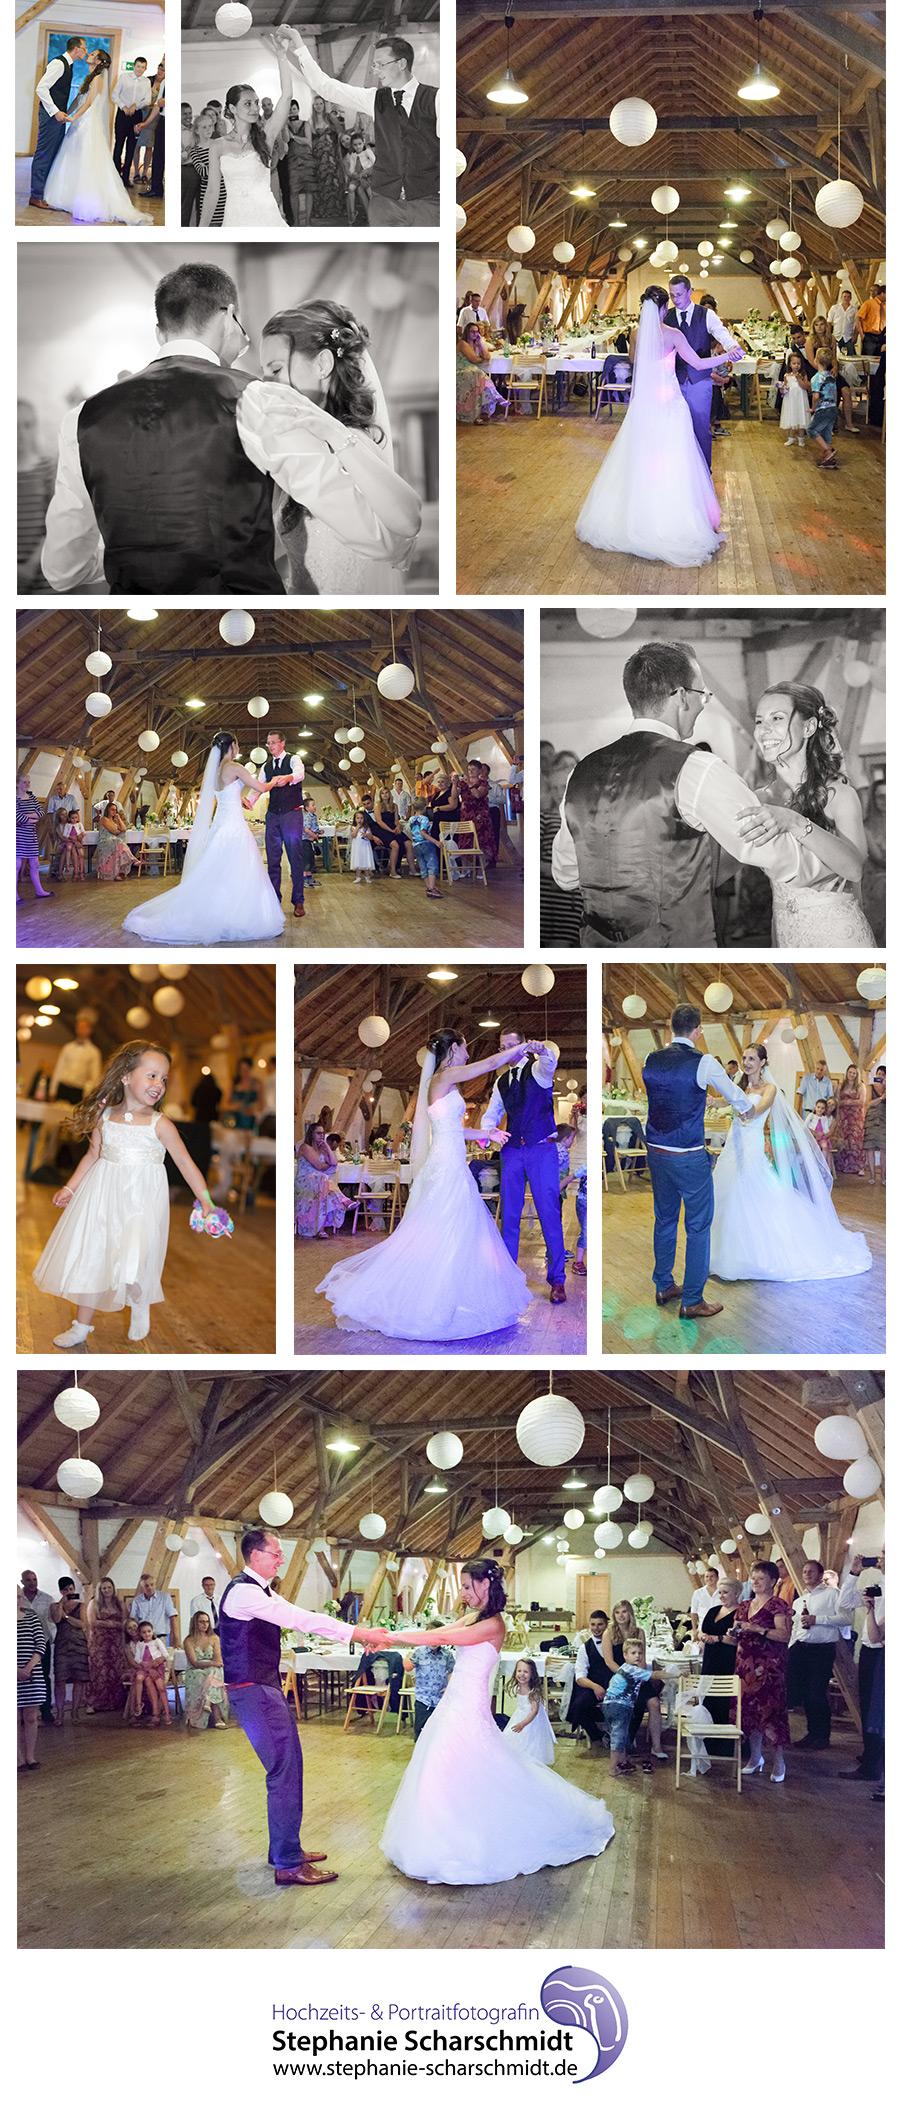 DJ in Plauen – Hochzeitsfotograf in Plauen – Erster Tanz bei Hochzeit im Pfaffengut in Plauen Hochzeits- und Portraitfotografin Stephanie Scharschmidt